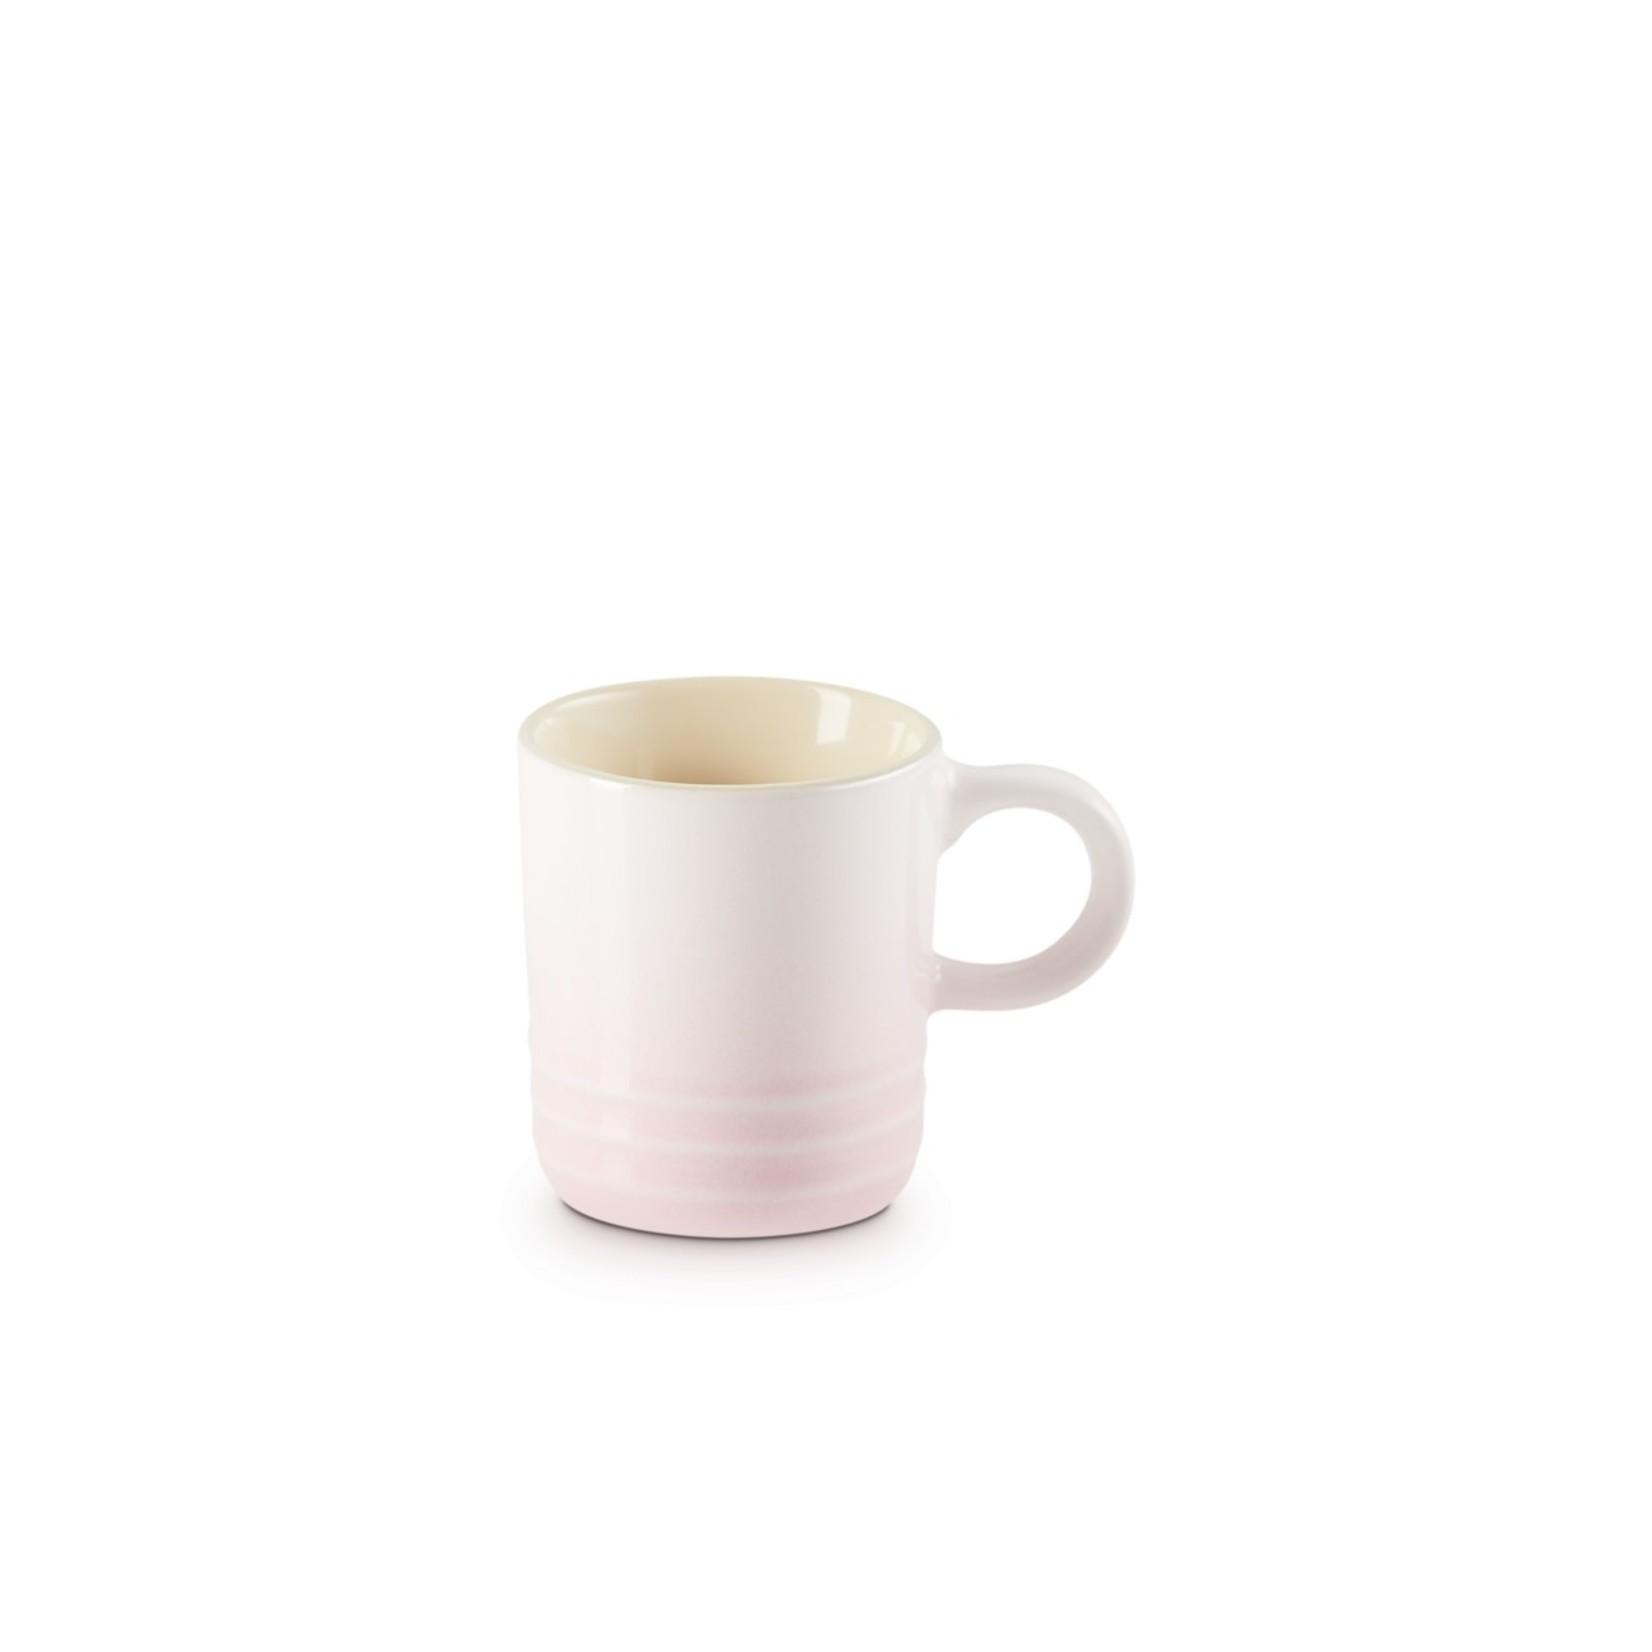 Le Creuset espressokopje 70ml roze